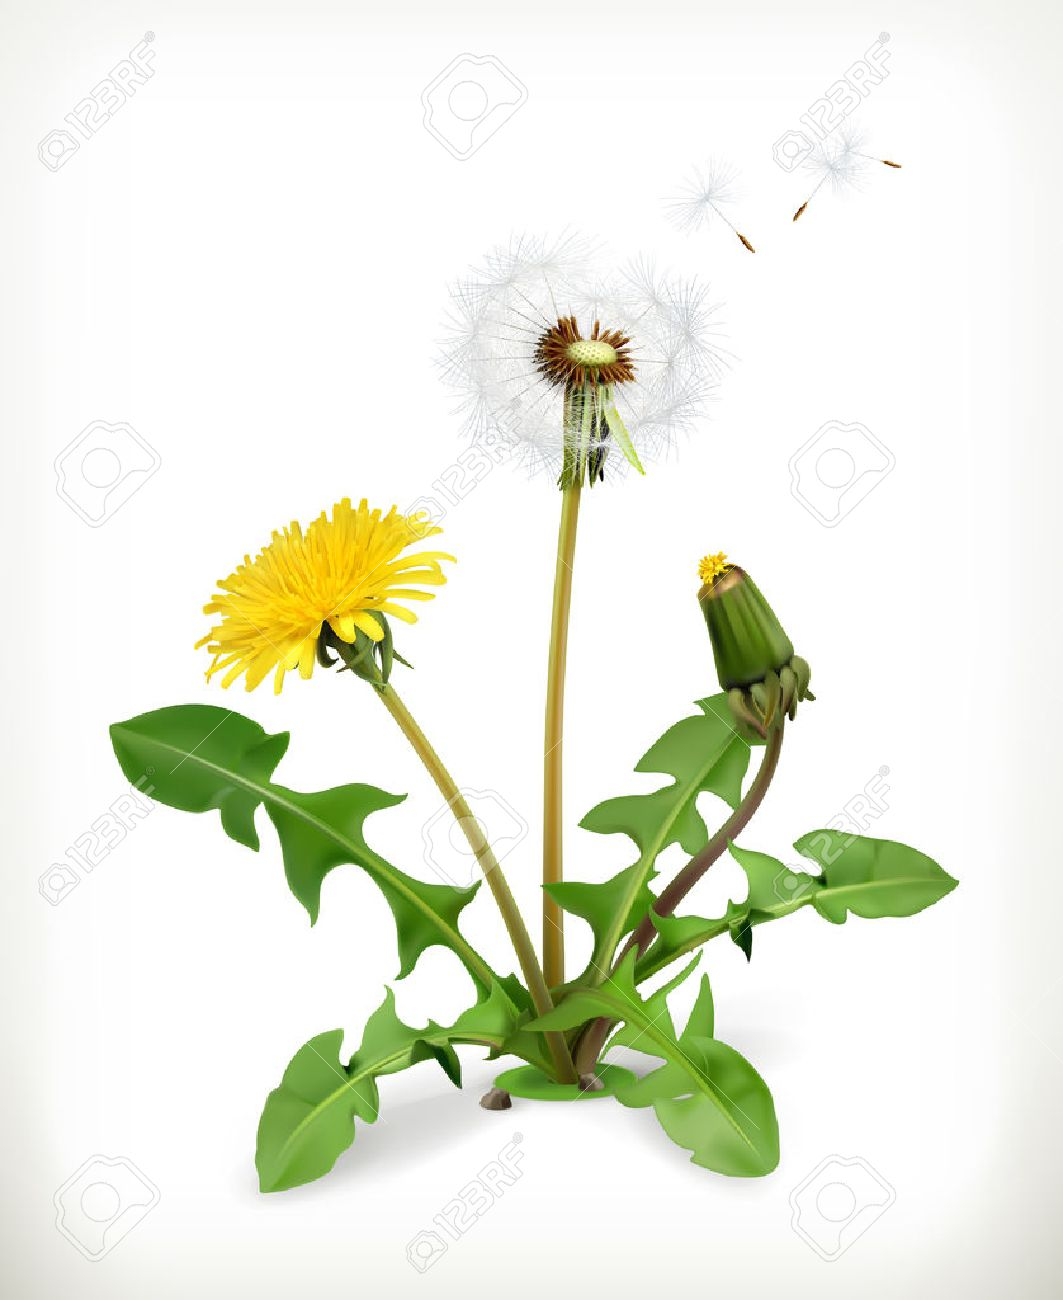 Dandelion, summer flowers, vector illustration isolated on white background Stock Vector - 40014667